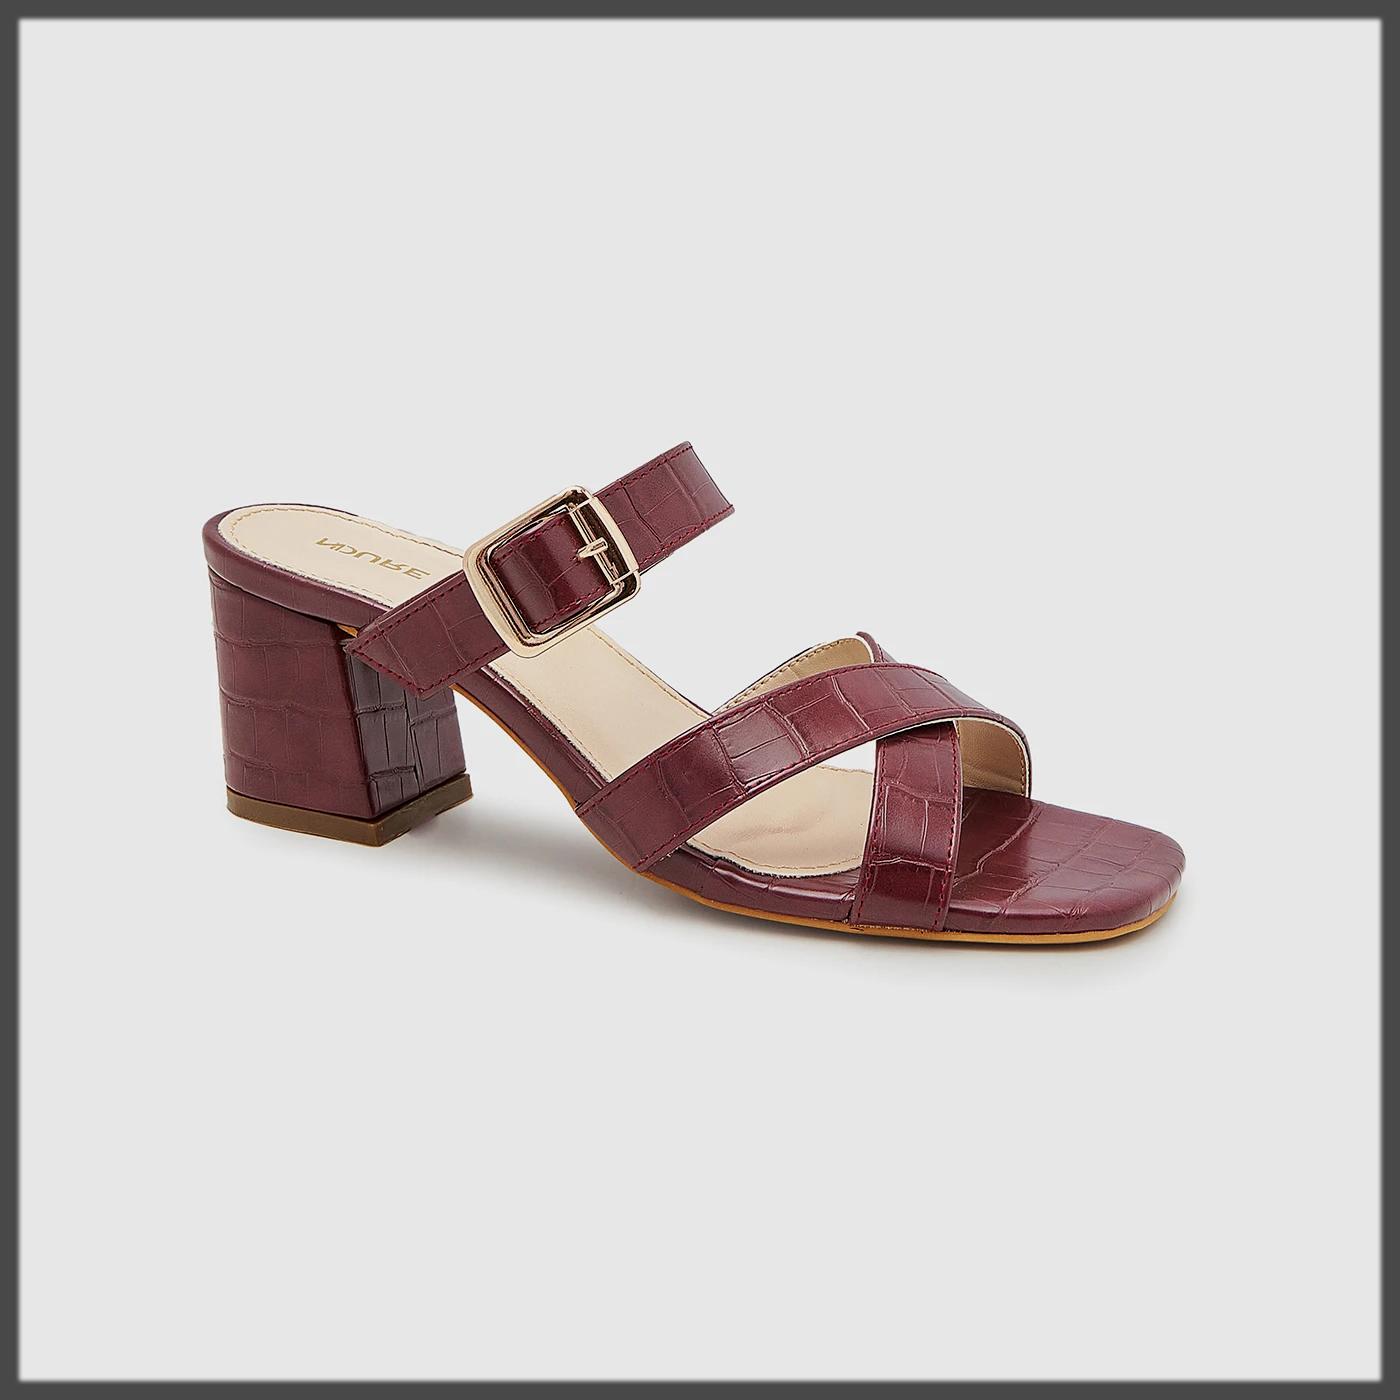 Multi-Strap Block Heels for Women